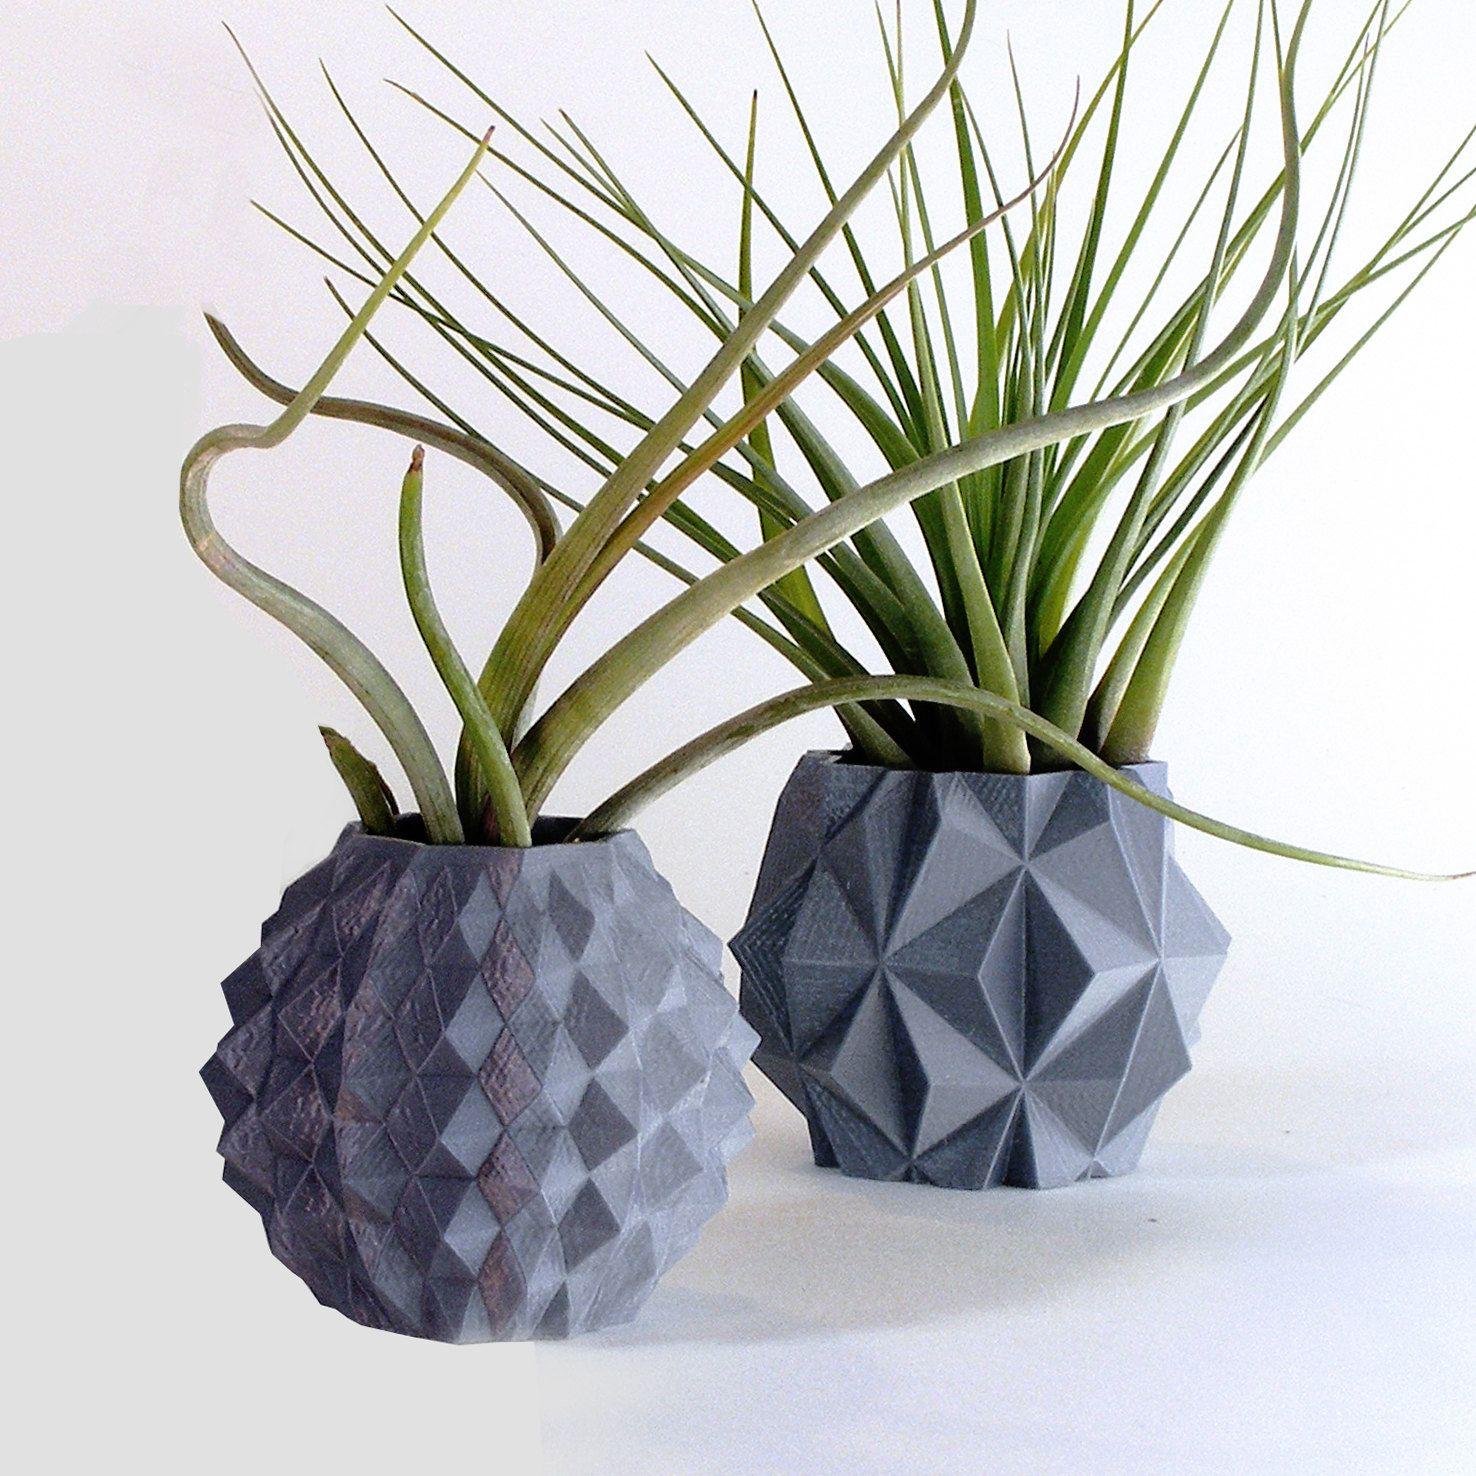 Mignon Mini Plastique Pot de Fleur Plante Grasse Fleurs pour Home Office Decor